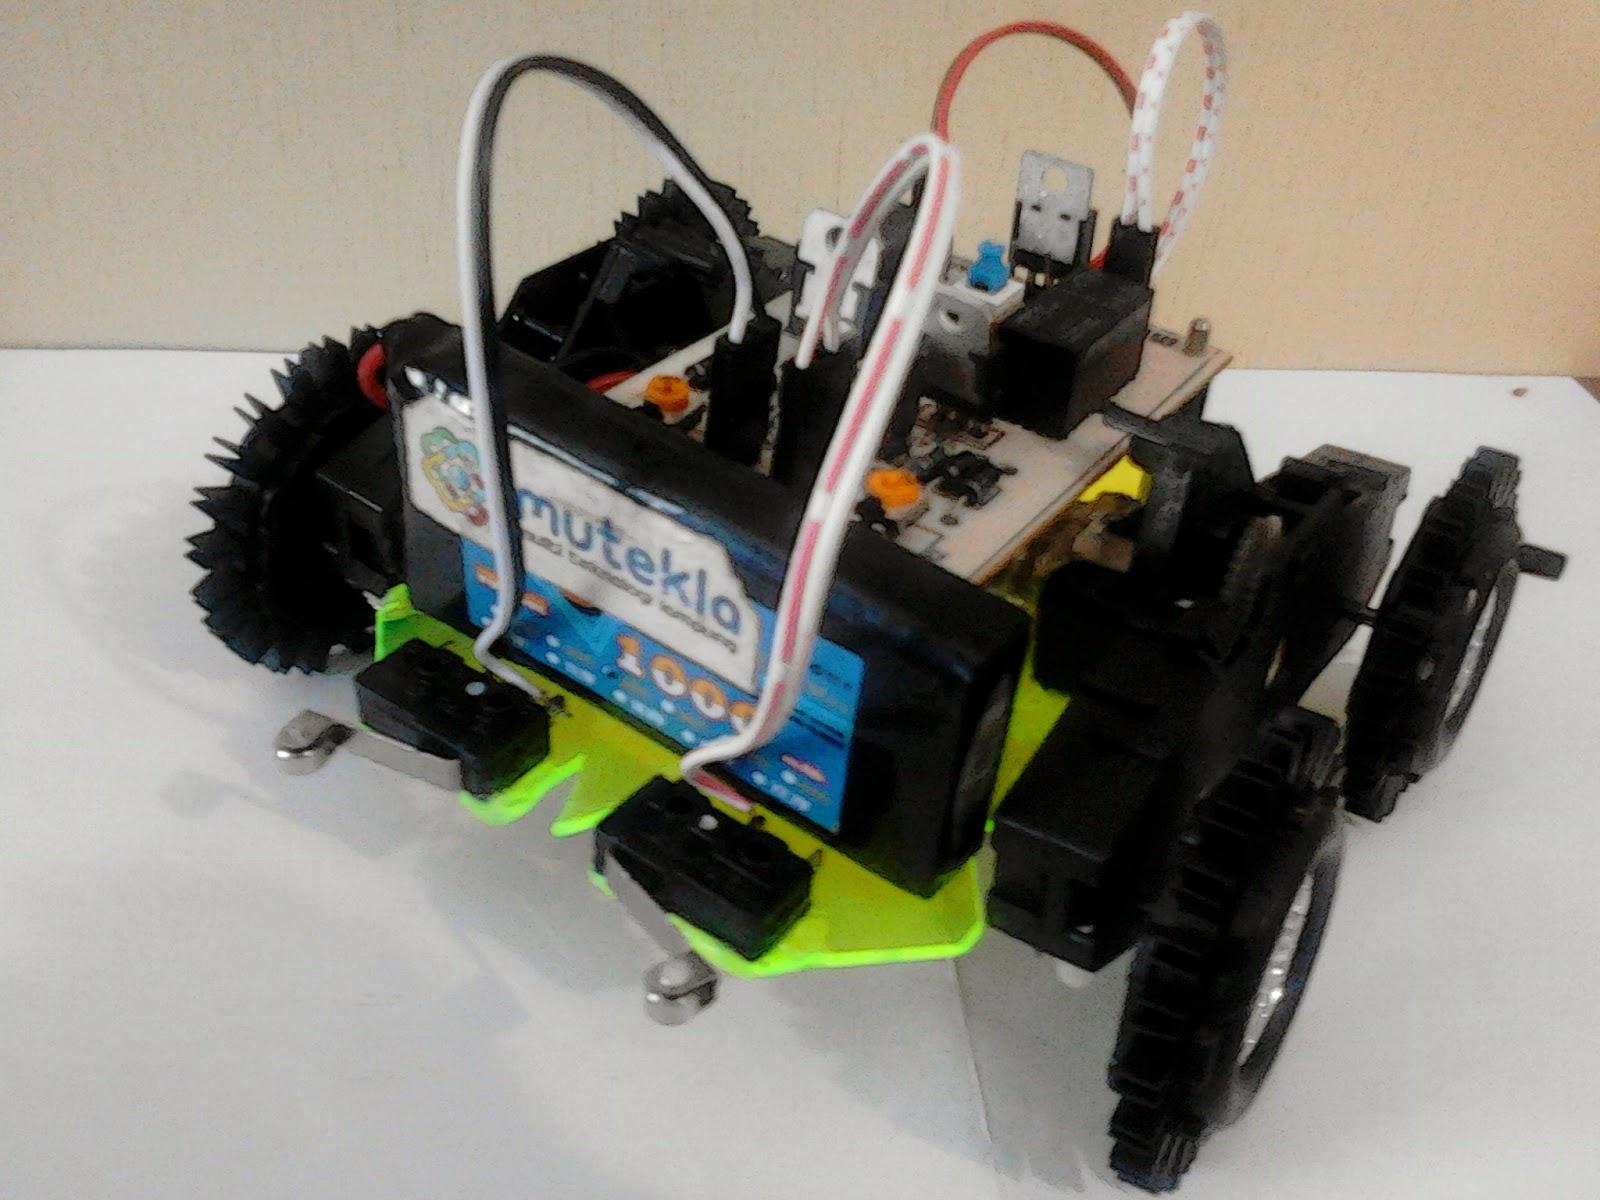 membuat robot sederhana